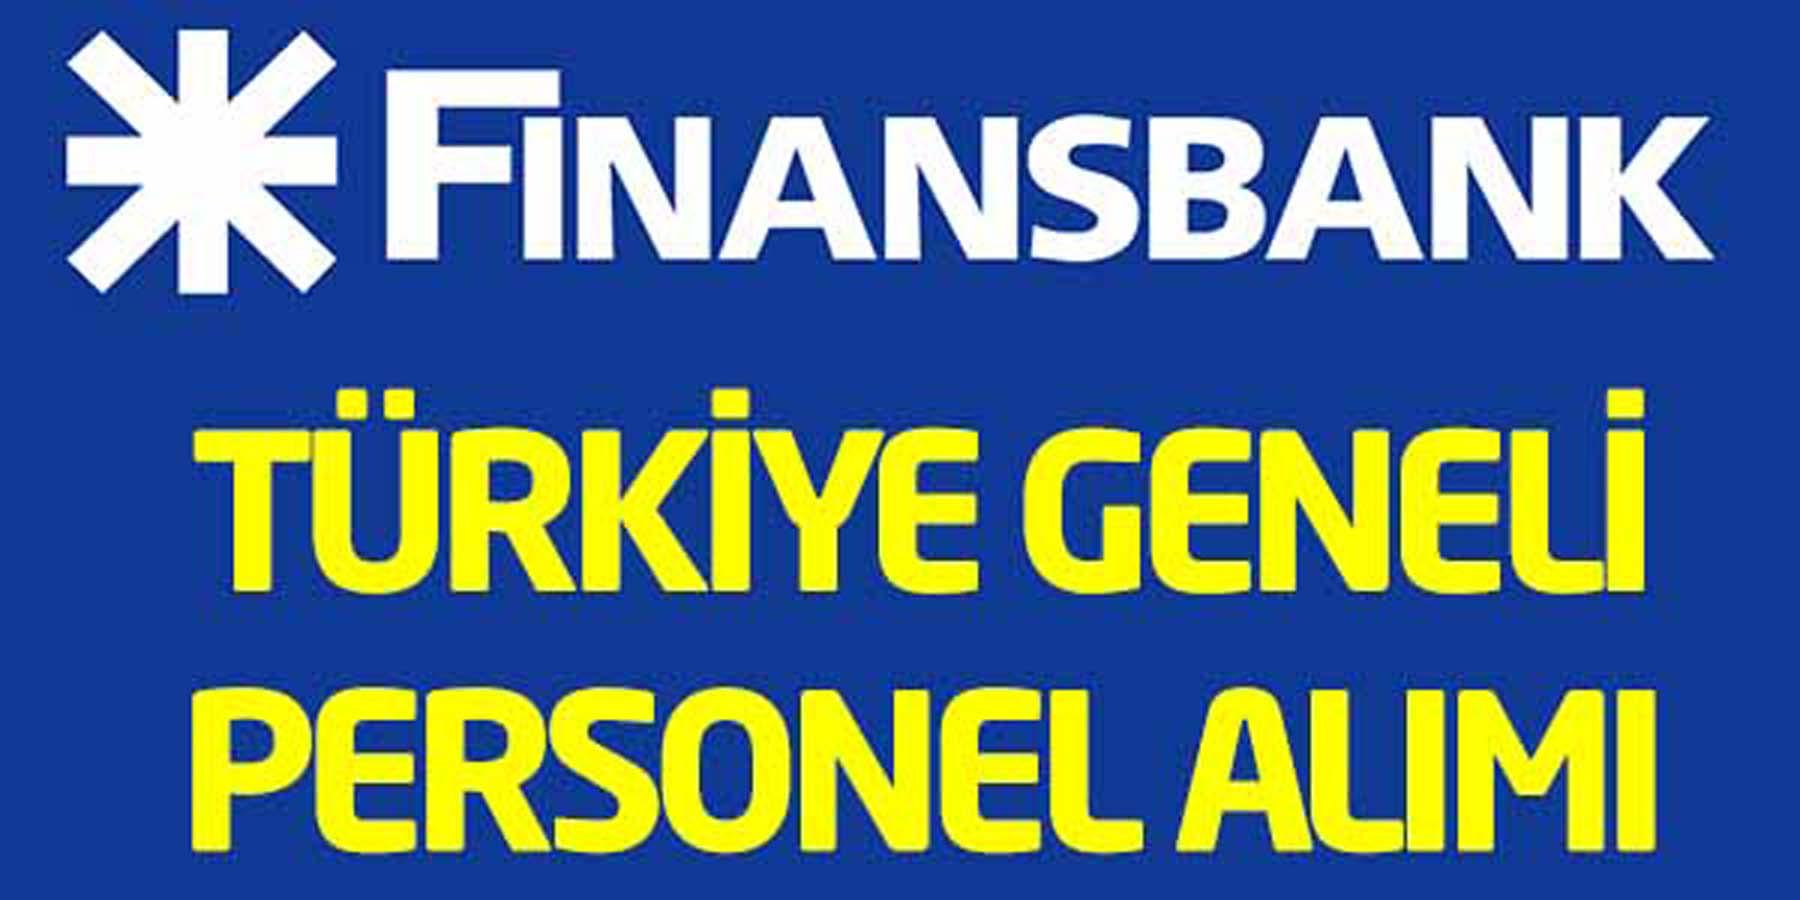 Finansbank Türkiye Geneli Personel Alımı Ağustos 2016